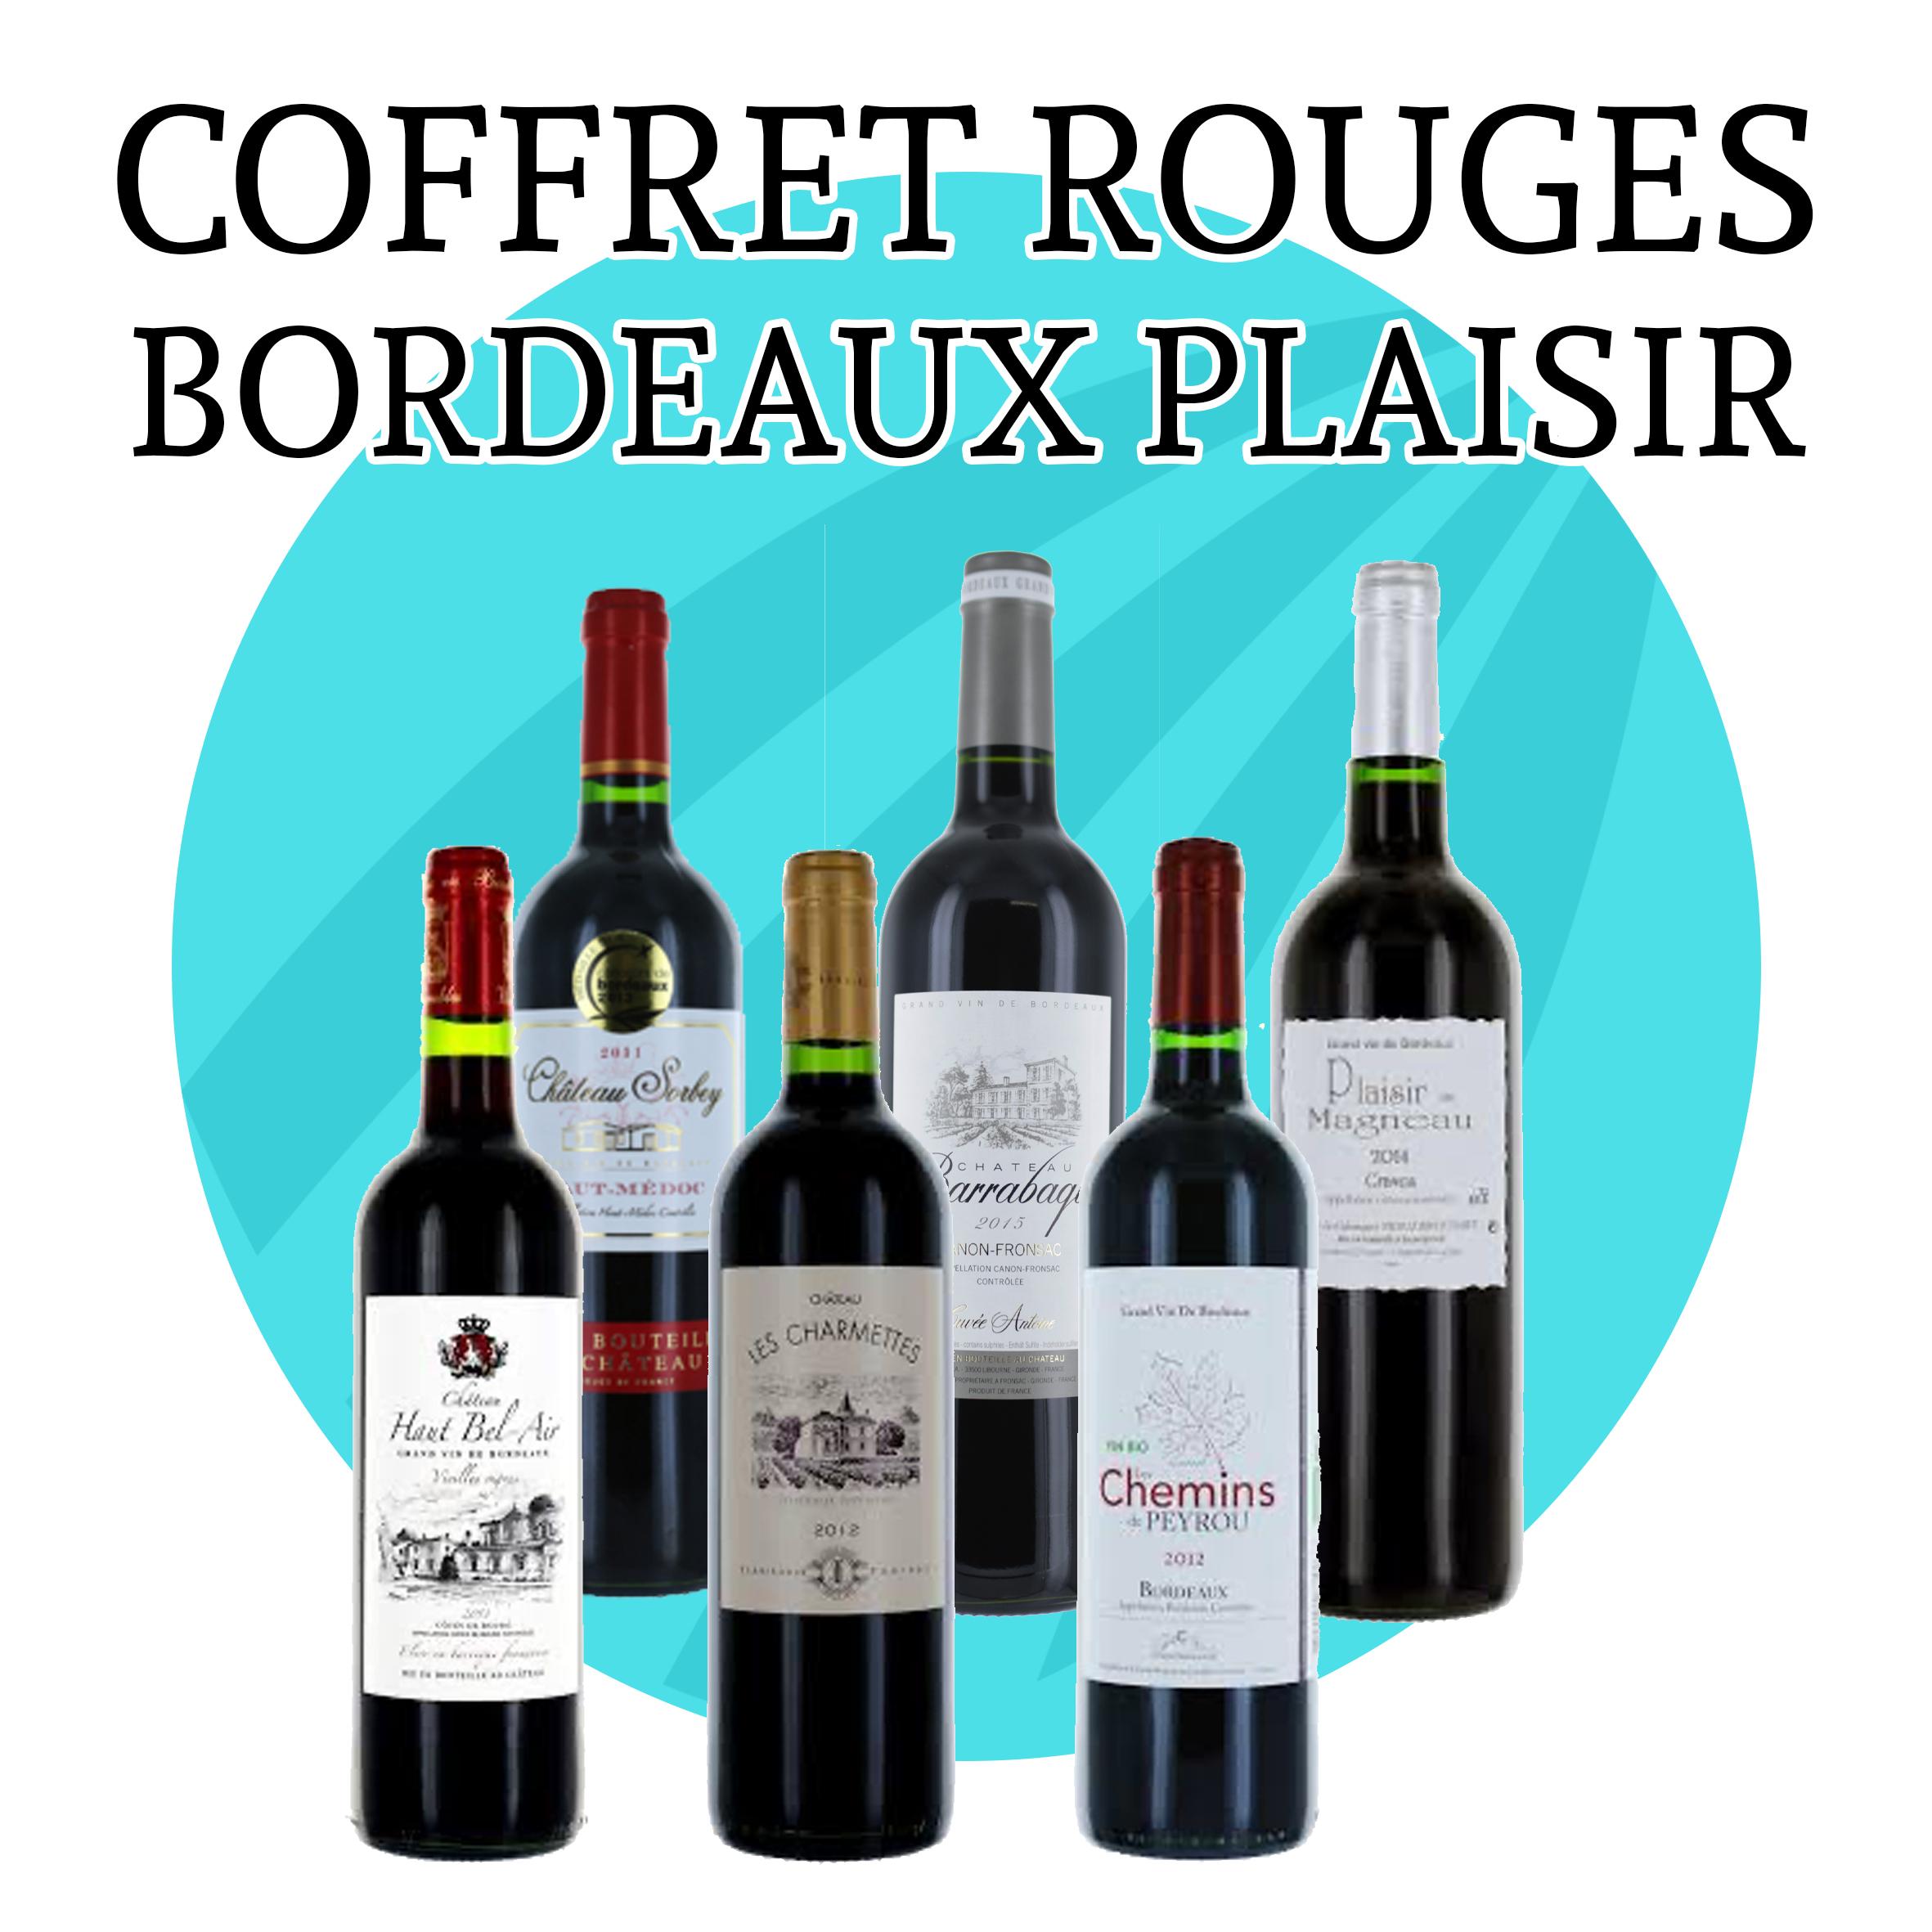 Coffret Bordeaux Plaisir - 6 bouteilles